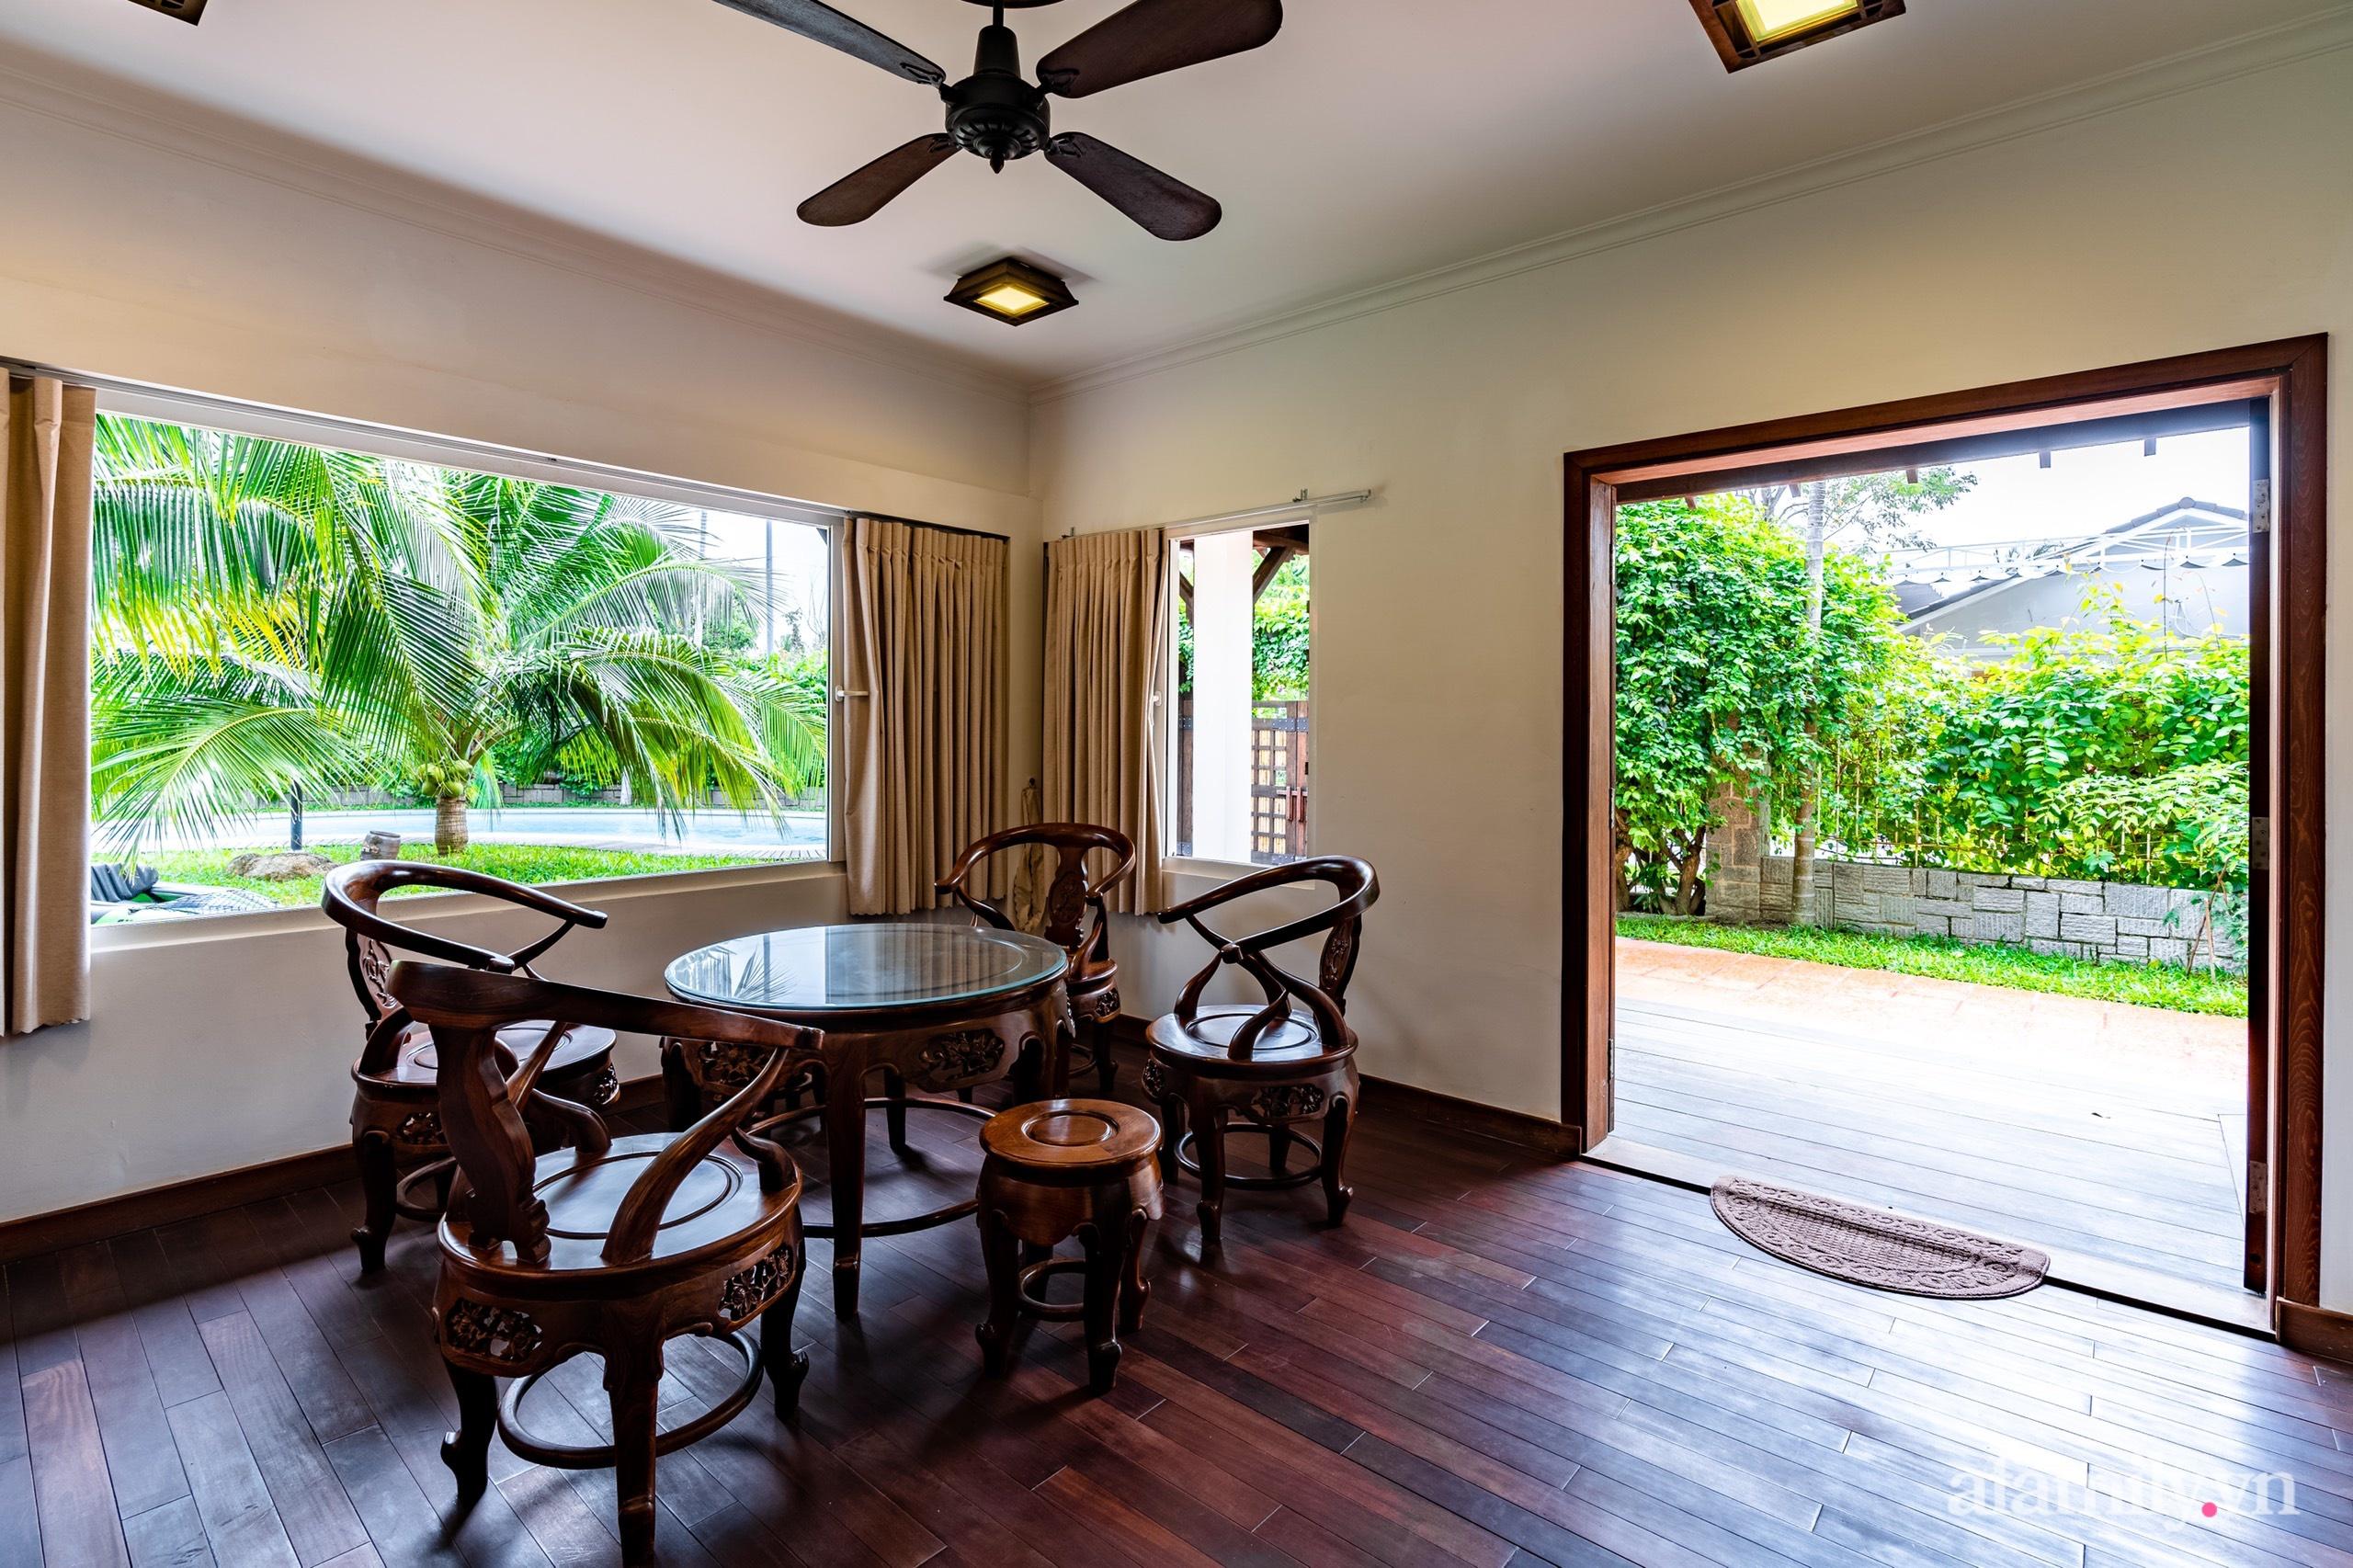 Căn nhà vườn xây 10 năm vẫn đẹp hút mắt với nội thất gỗ và cây xanh quanh nhà ở Nha Trang-13